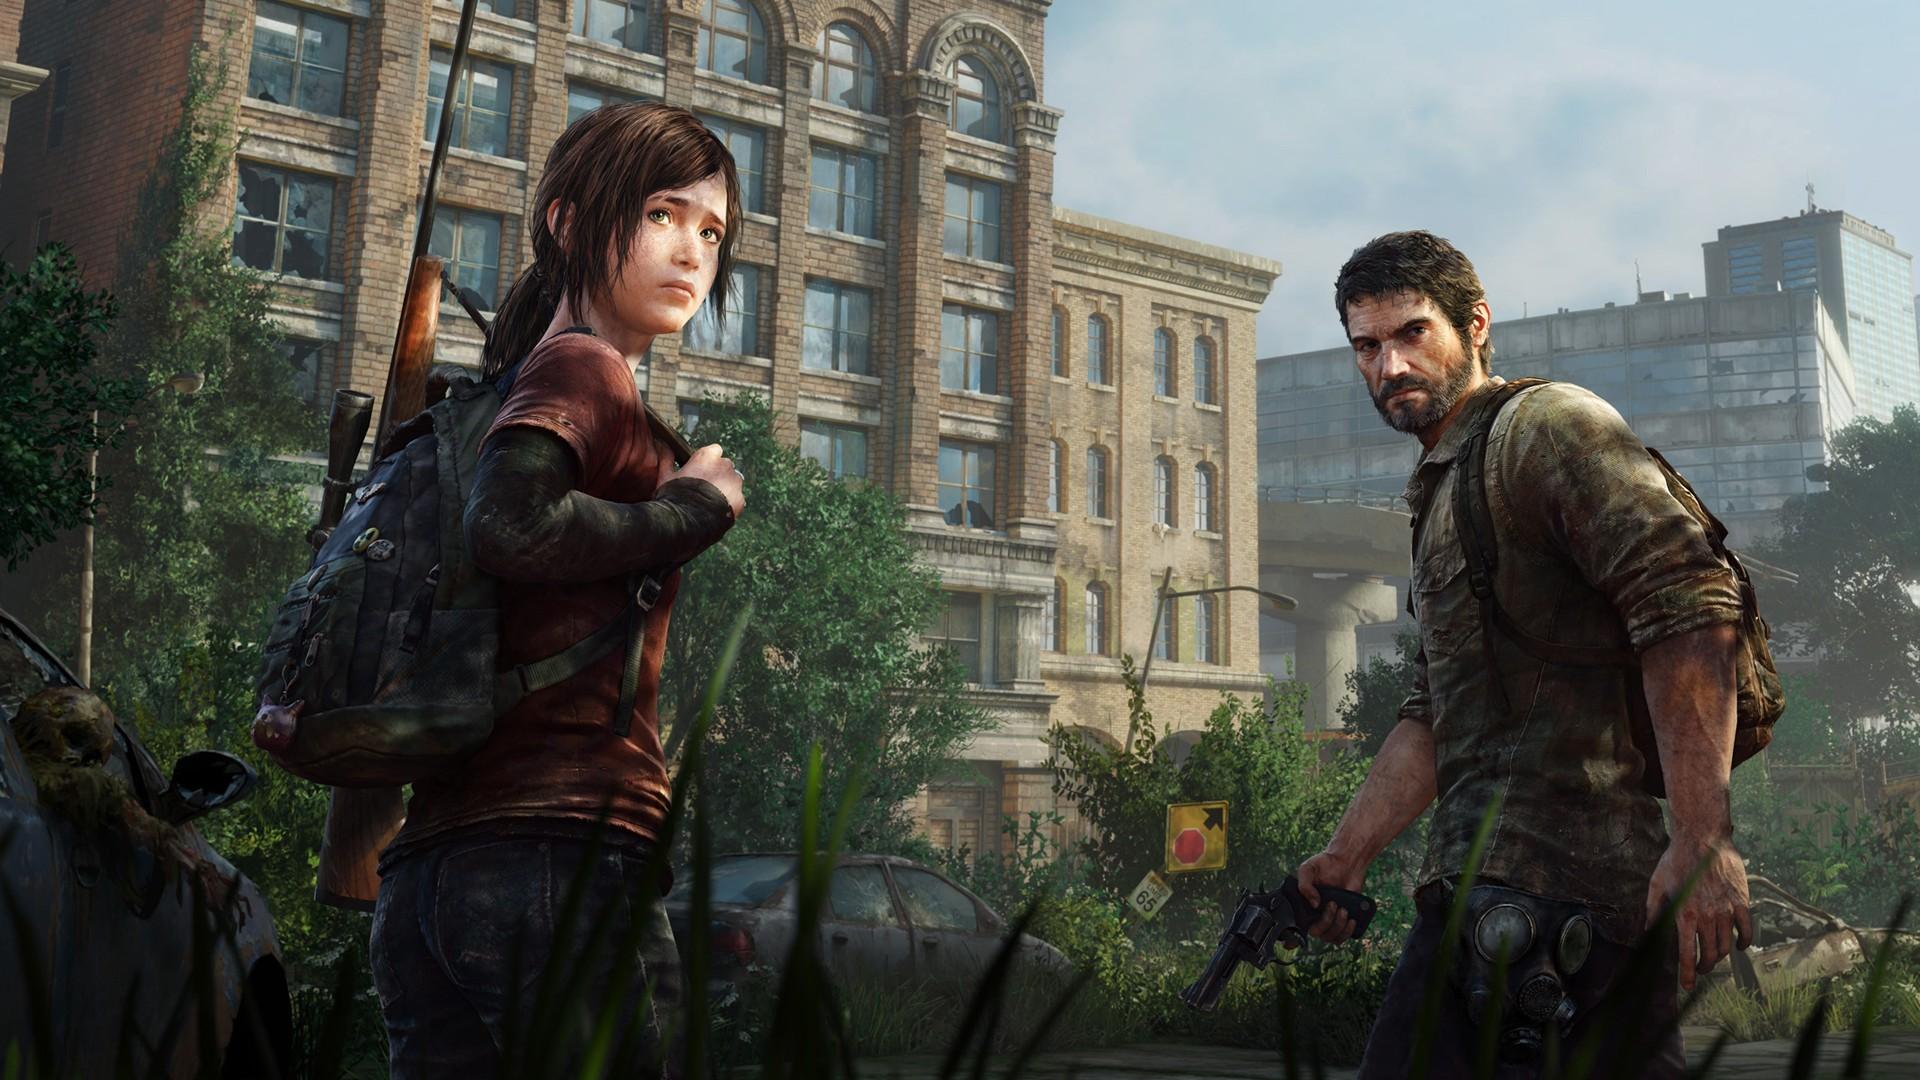 """5 curiosidades sobre o game """"The Last of Us"""""""